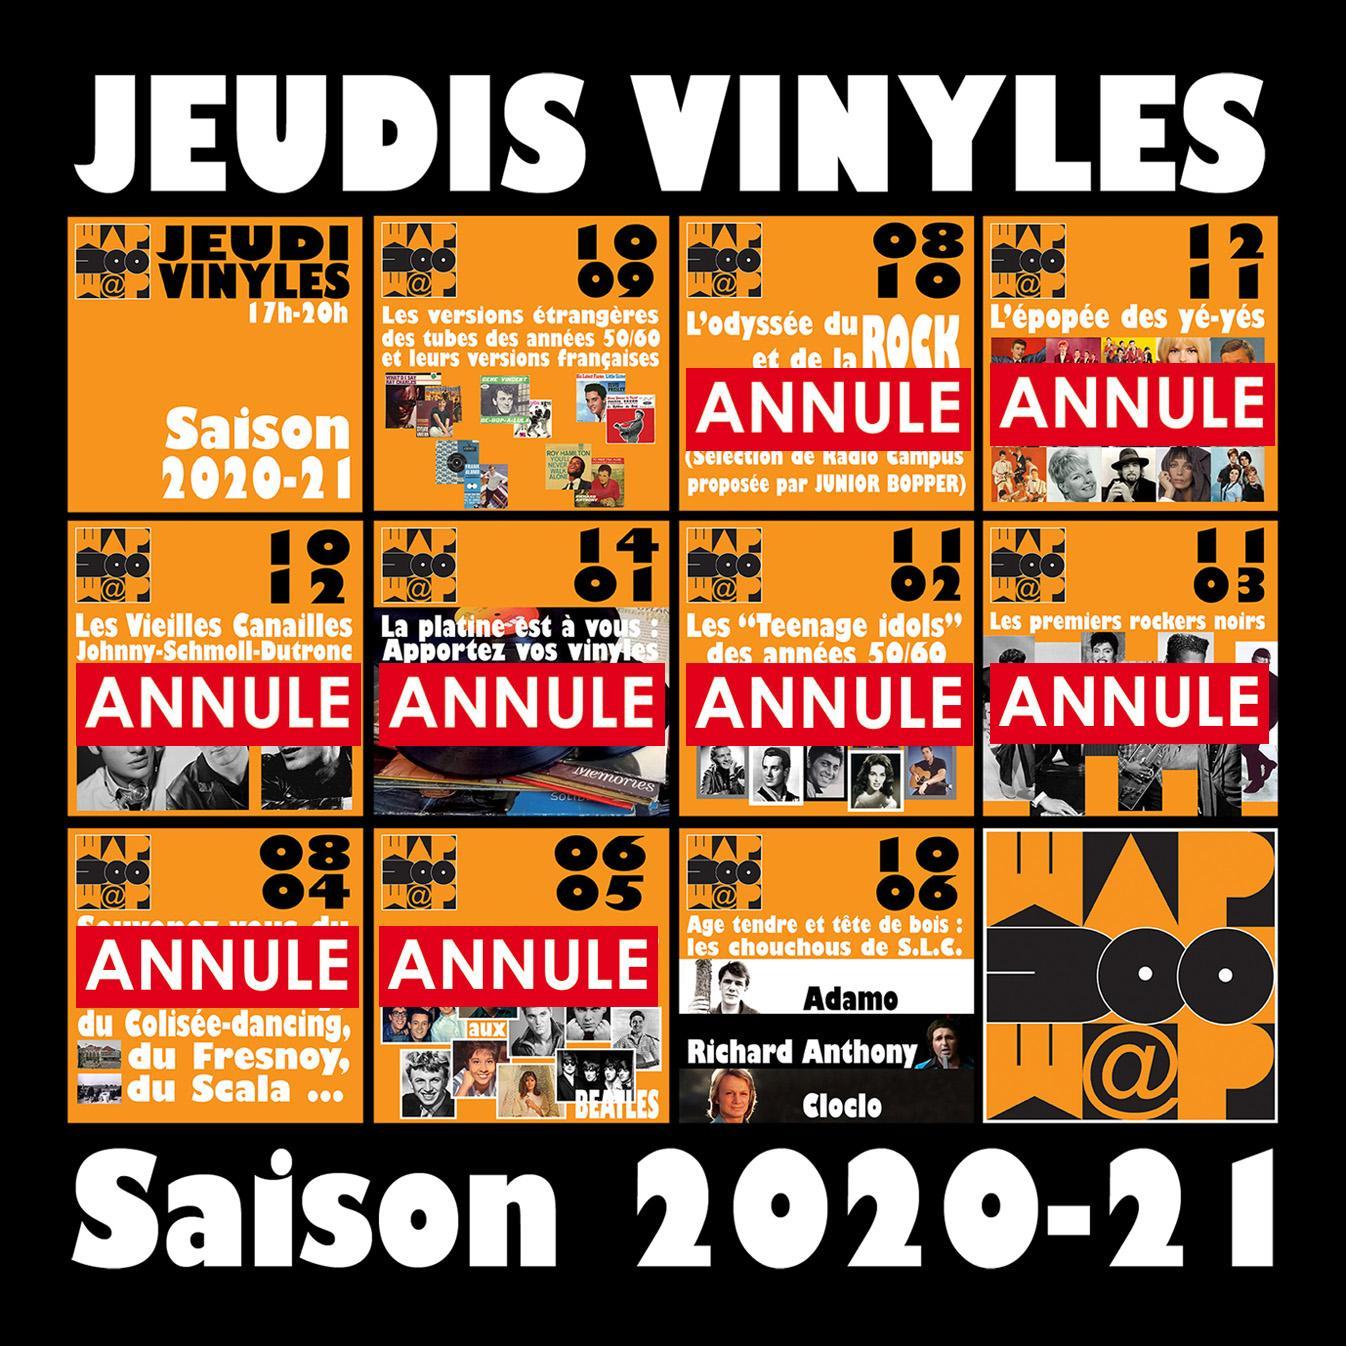 Jeudi vinyles annules copie 4